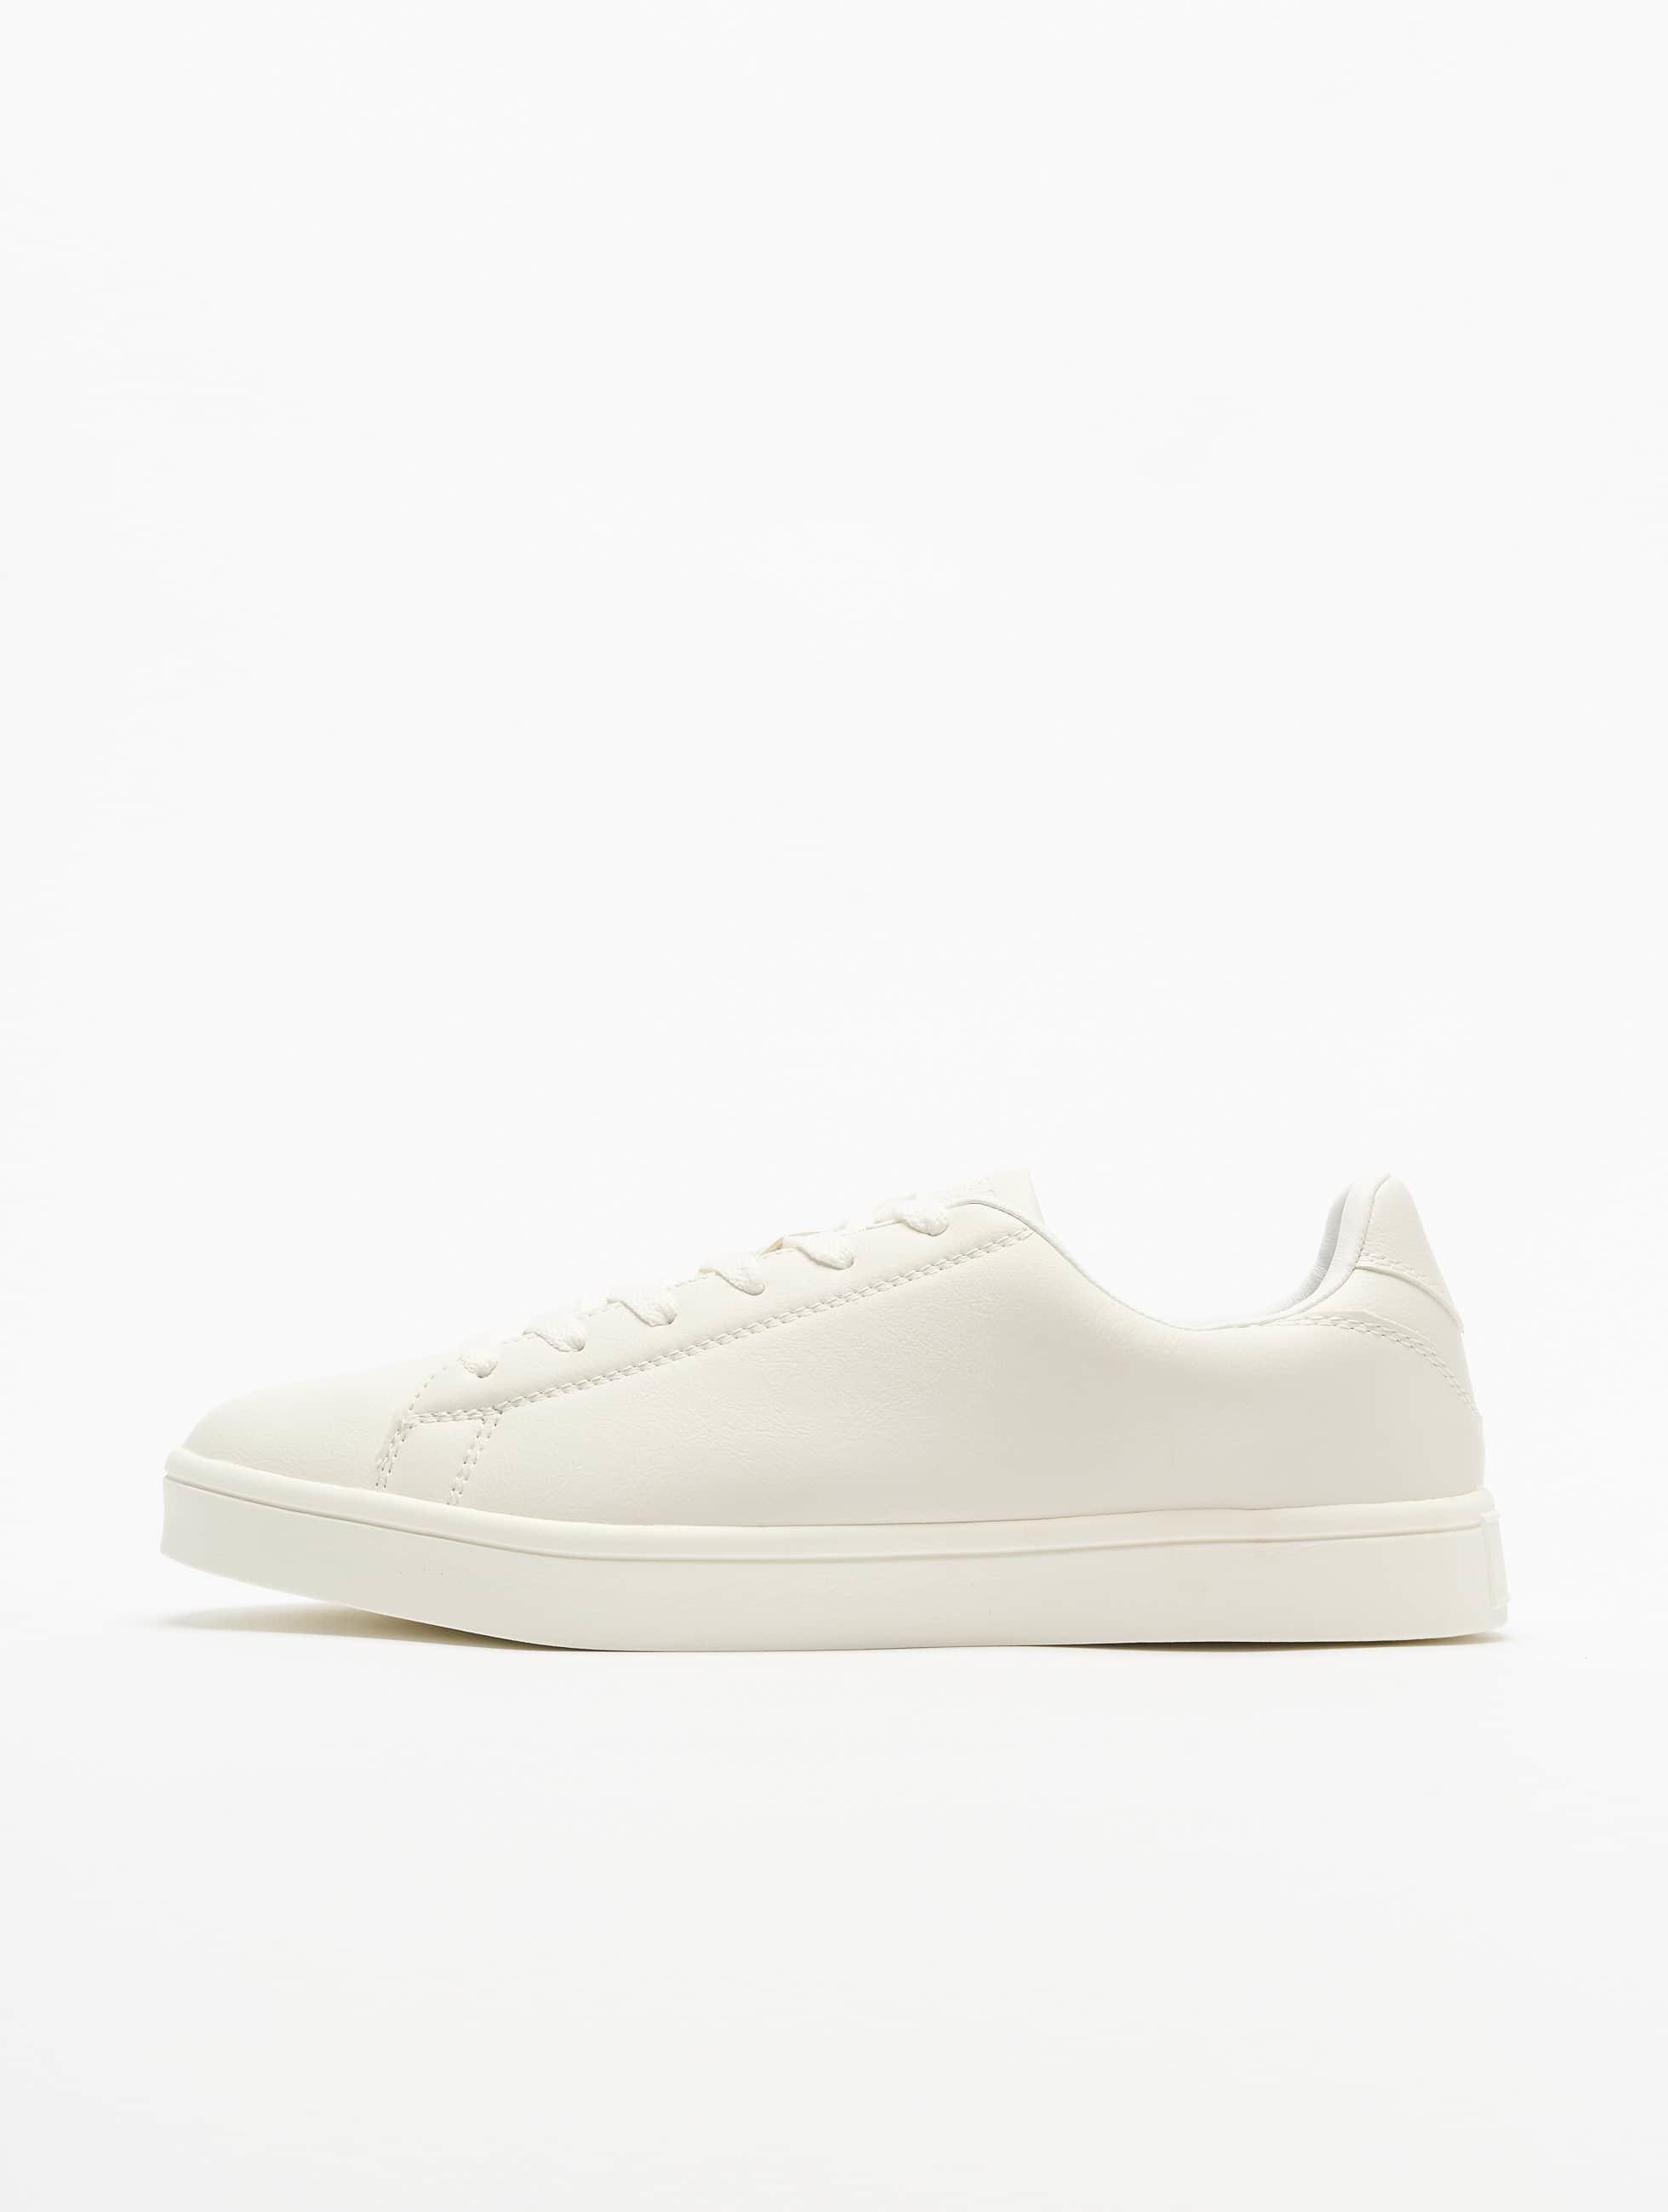 Chaussures Urbaines Classiques Des Blancs Urbains Dans 40 Femmes Urbaines k04wNL9